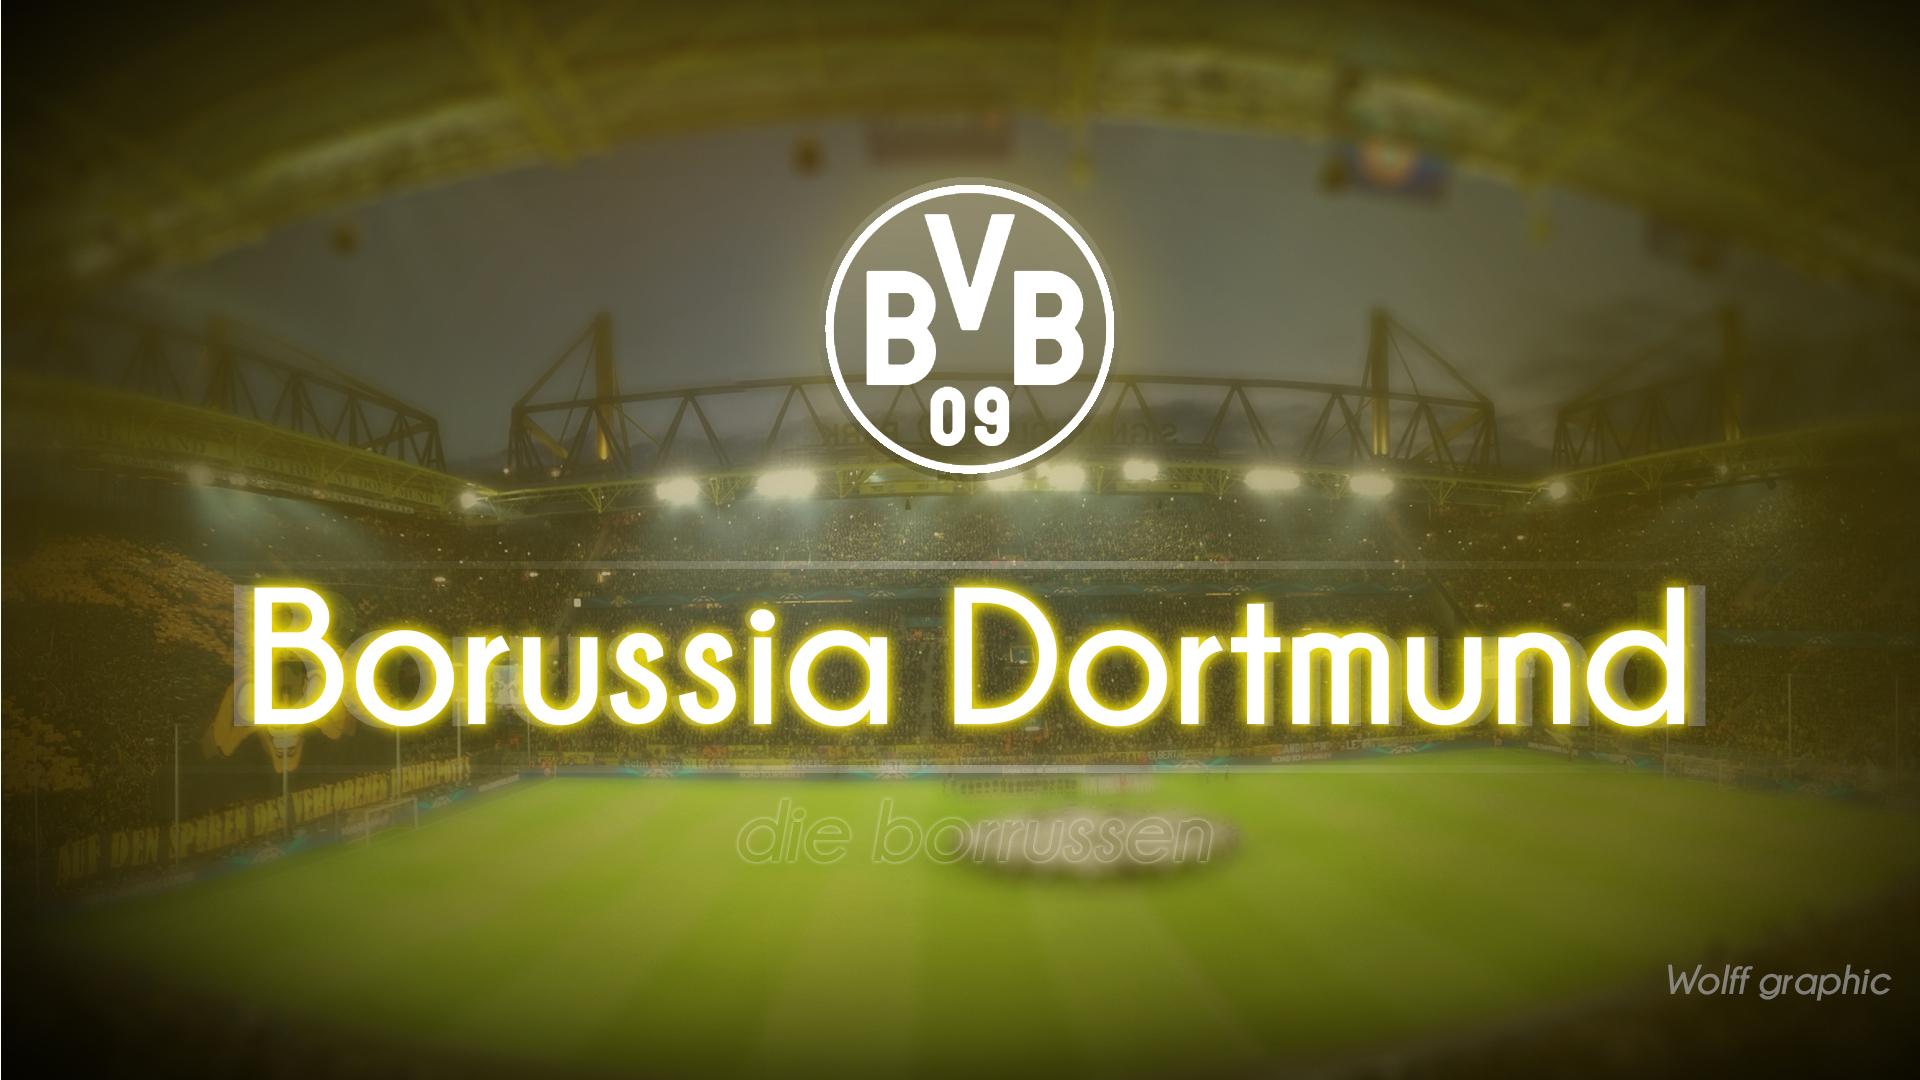 Borussia Dortmund Wallpaper By Wolff10 On Deviantart